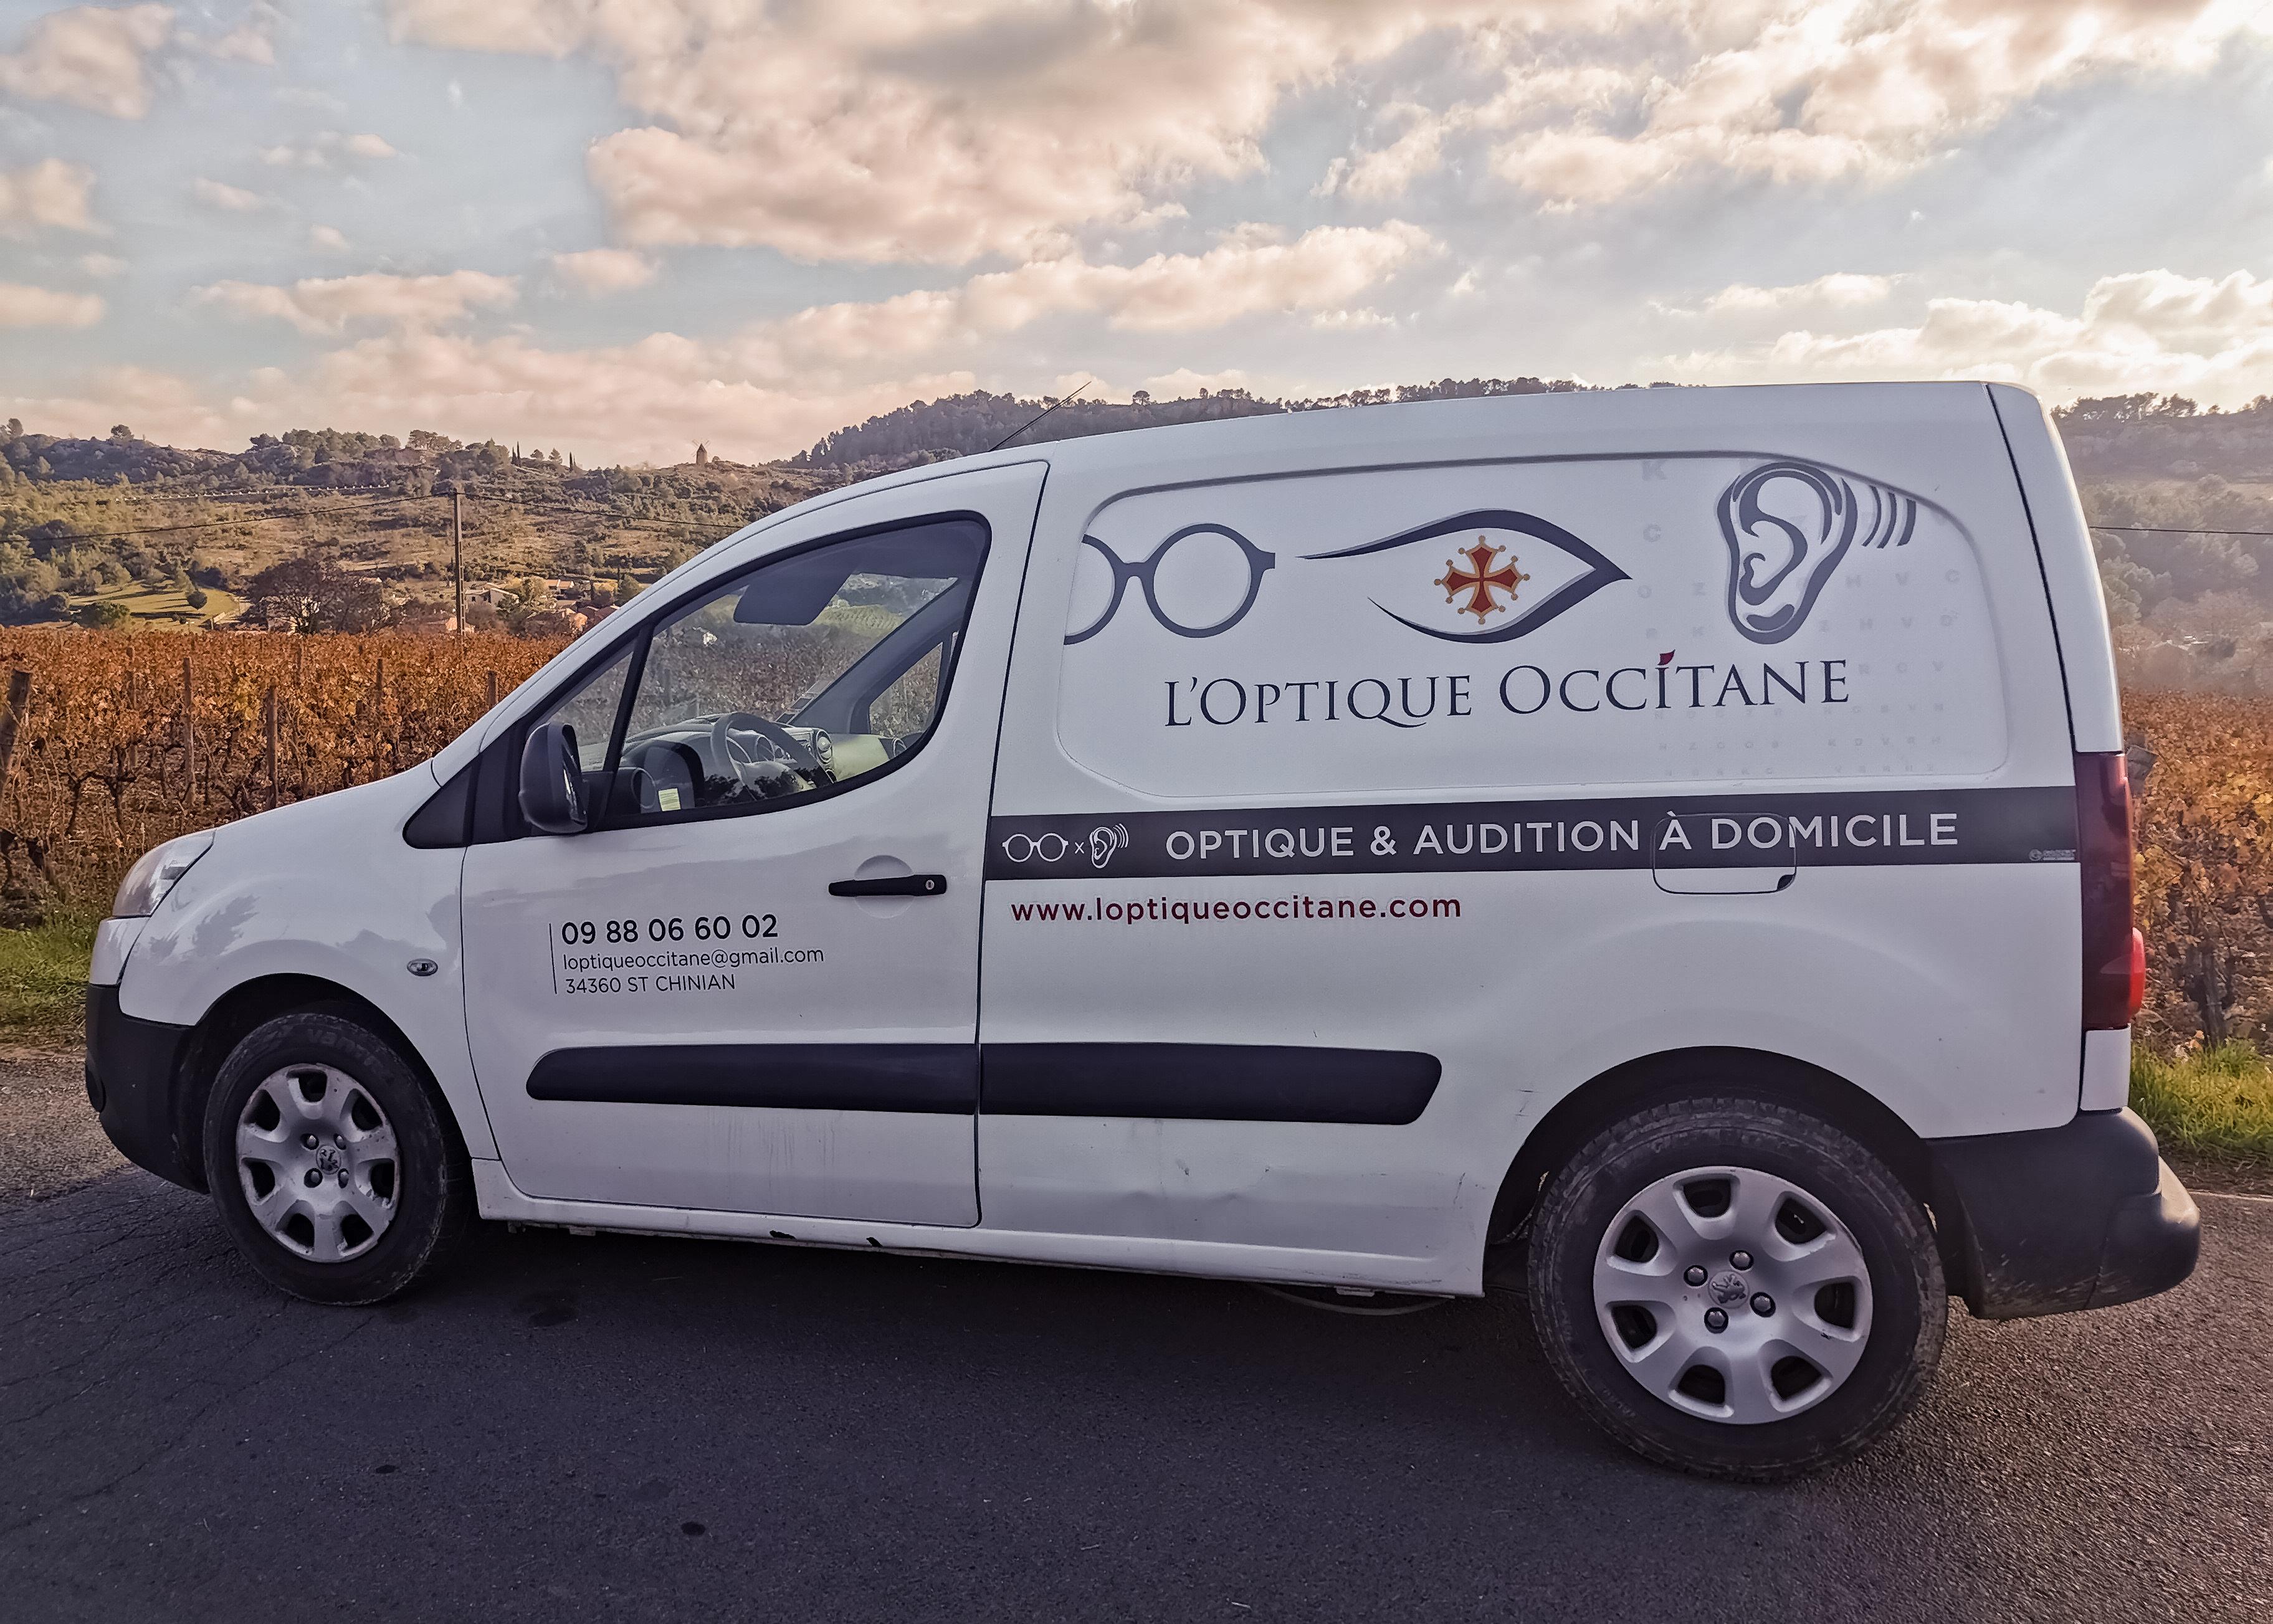 L'optique occitane opticien à domicile hérault